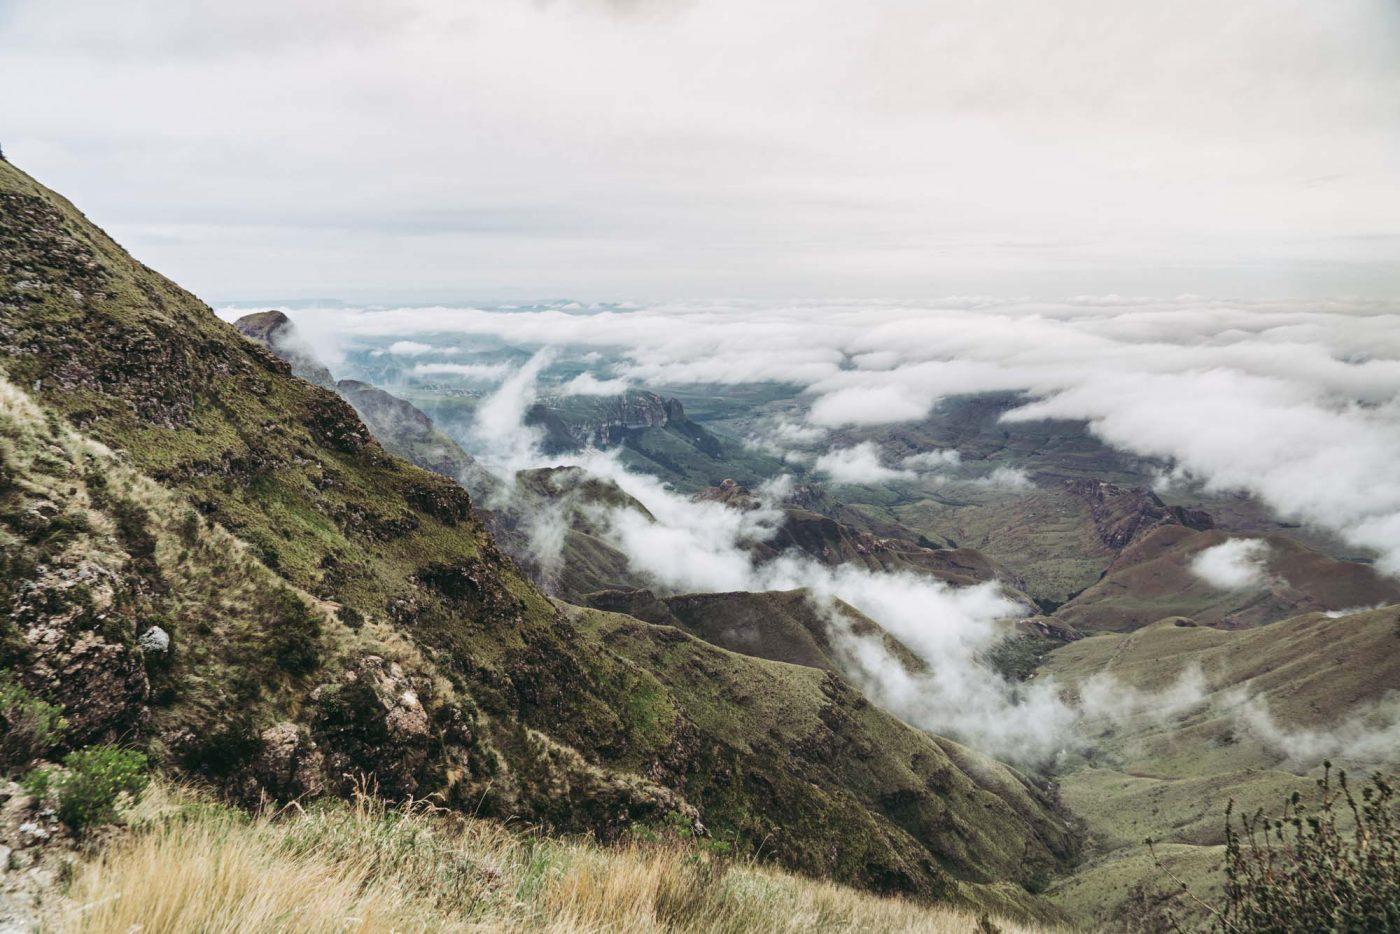 Tugela falls hike, Sentinel peak, Drakensberg